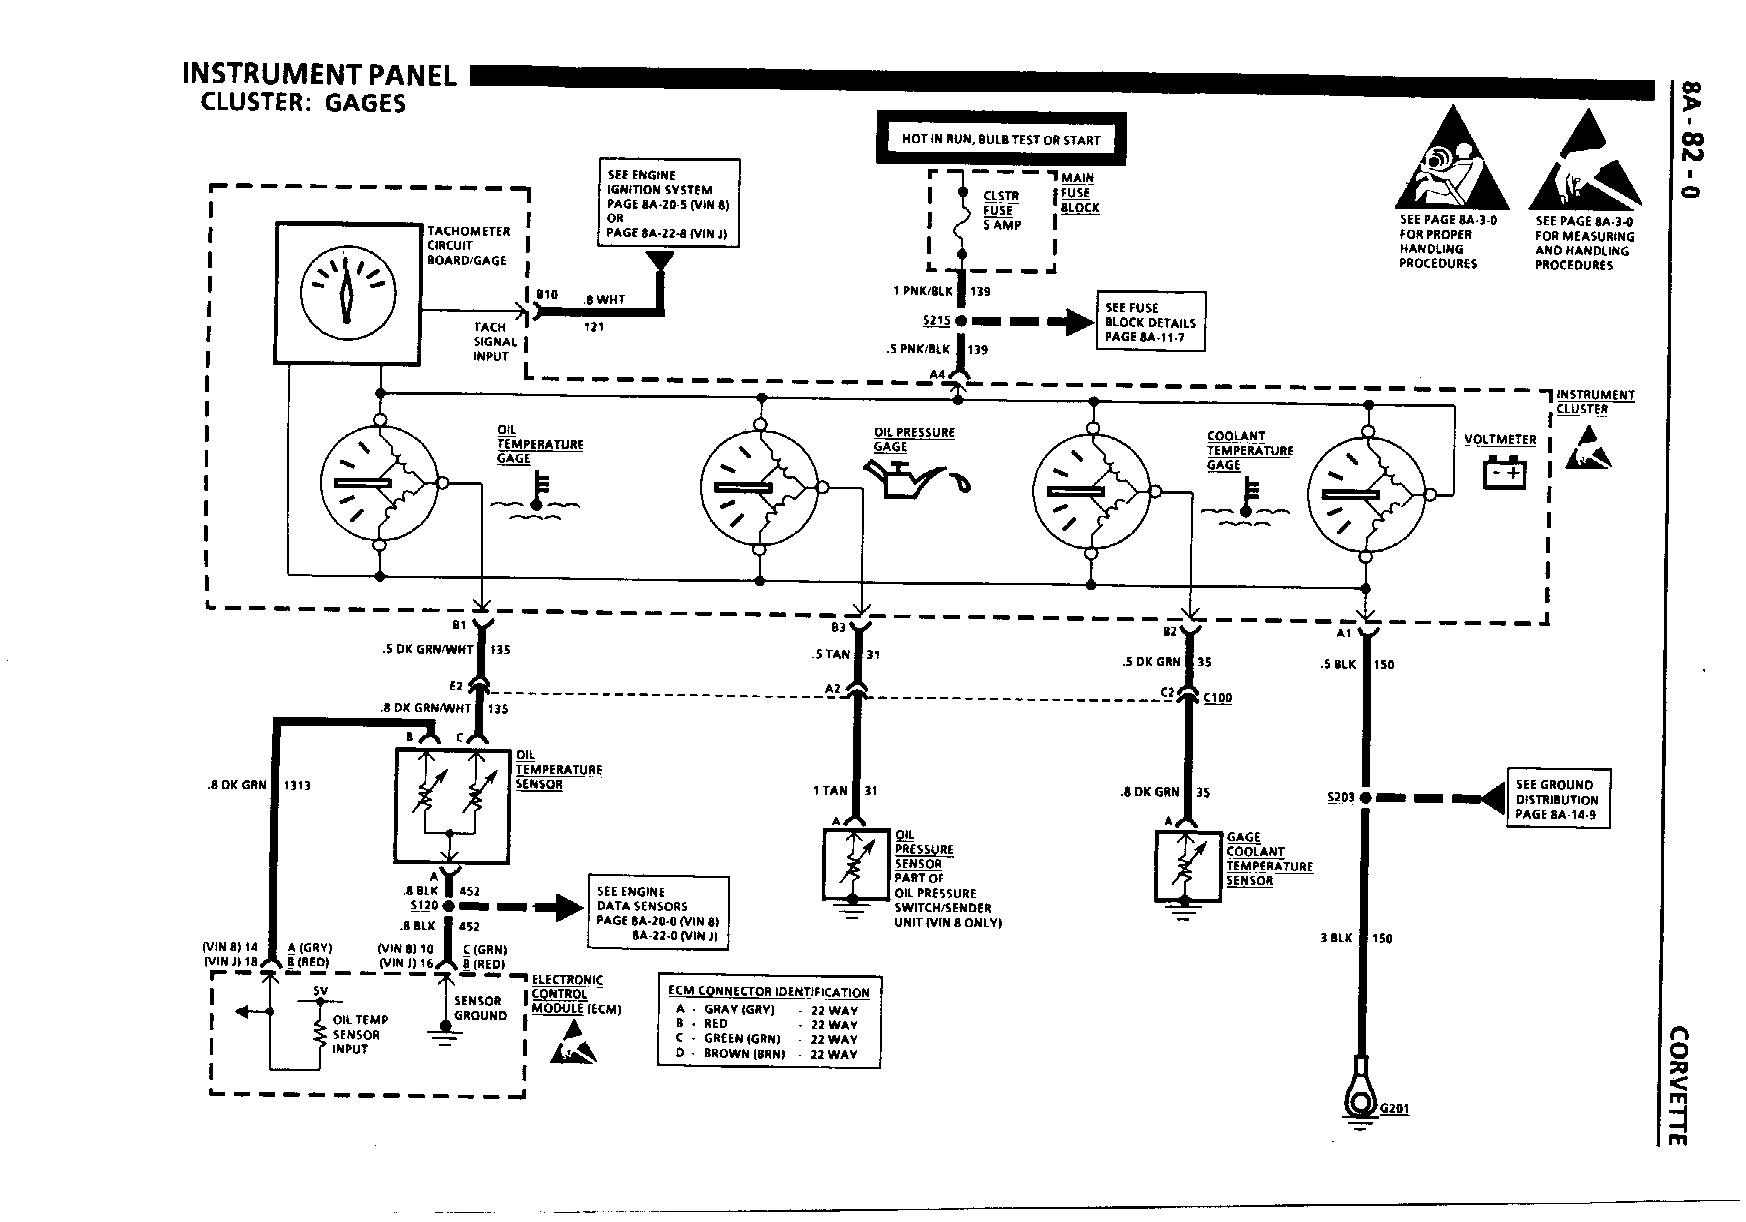 [SCHEMATICS_4HG]  BM_6155] C3 Gauge Cluster Wiring Diagram Get Free Image About Wiring  Diagram Download Diagram | Chevy Truck Wipers Wiring Diagram Free Download |  | Www Mohammedshrine Librar Wiring 101